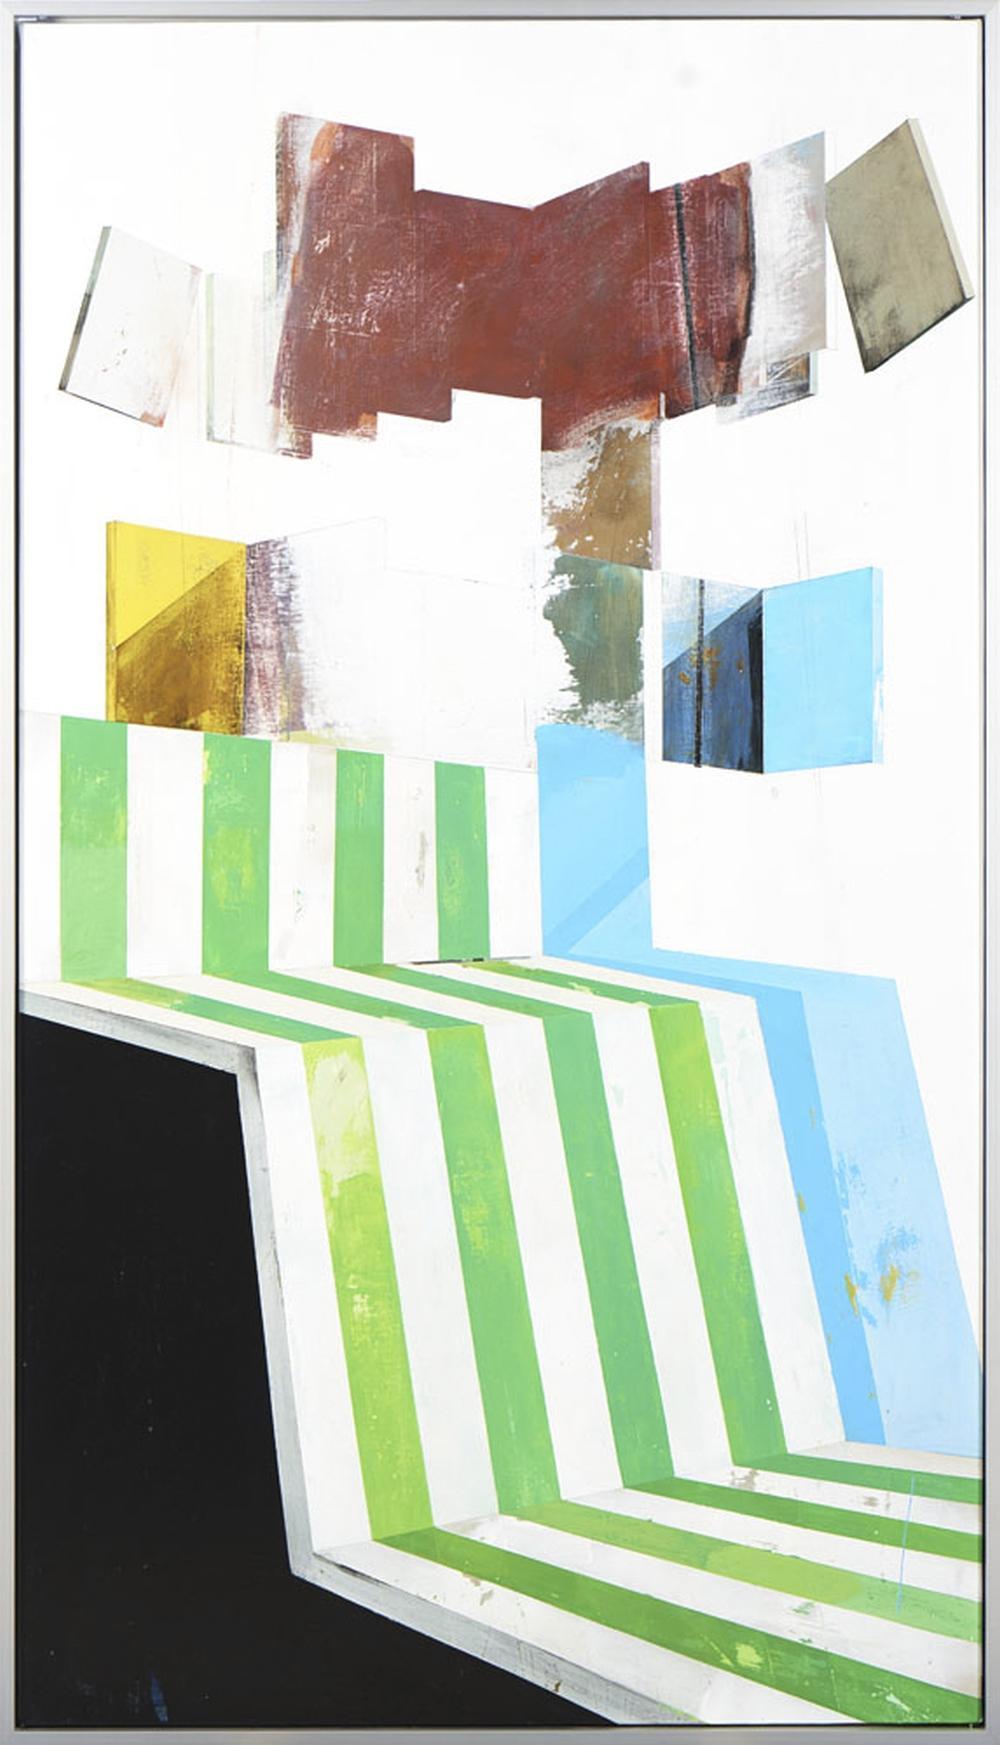 MANUEL CAEIRO, Acrílico sobre tela, 160 x 95 cm.